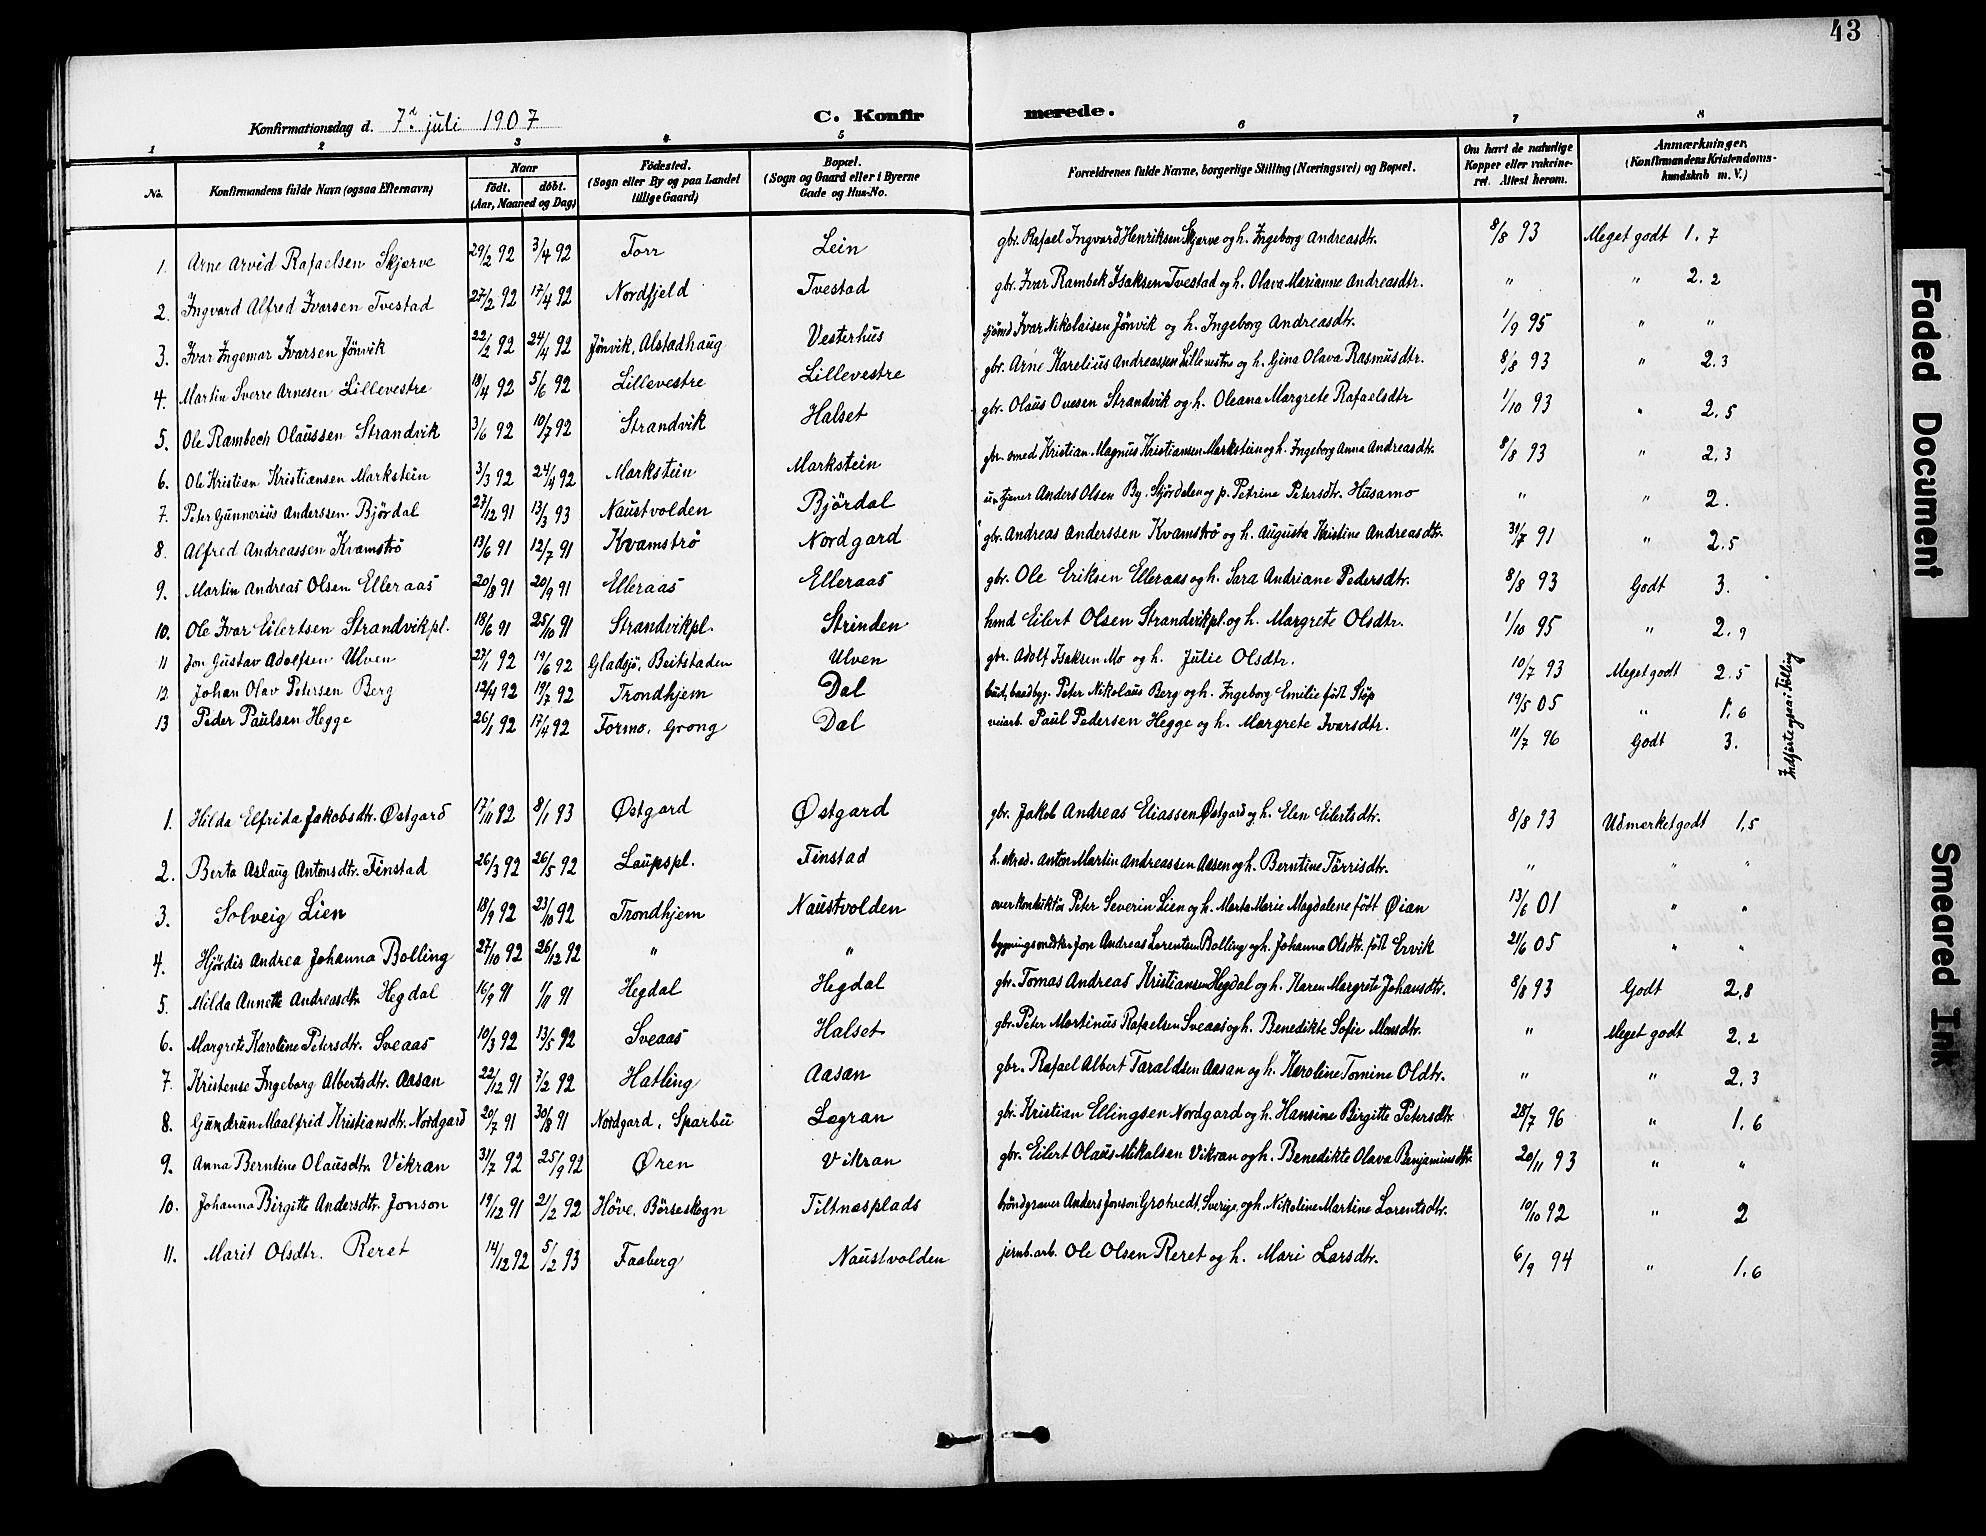 SAT, Ministerialprotokoller, klokkerbøker og fødselsregistre - Nord-Trøndelag, 746/L0452: Ministerialbok nr. 746A09, 1900-1908, s. 43